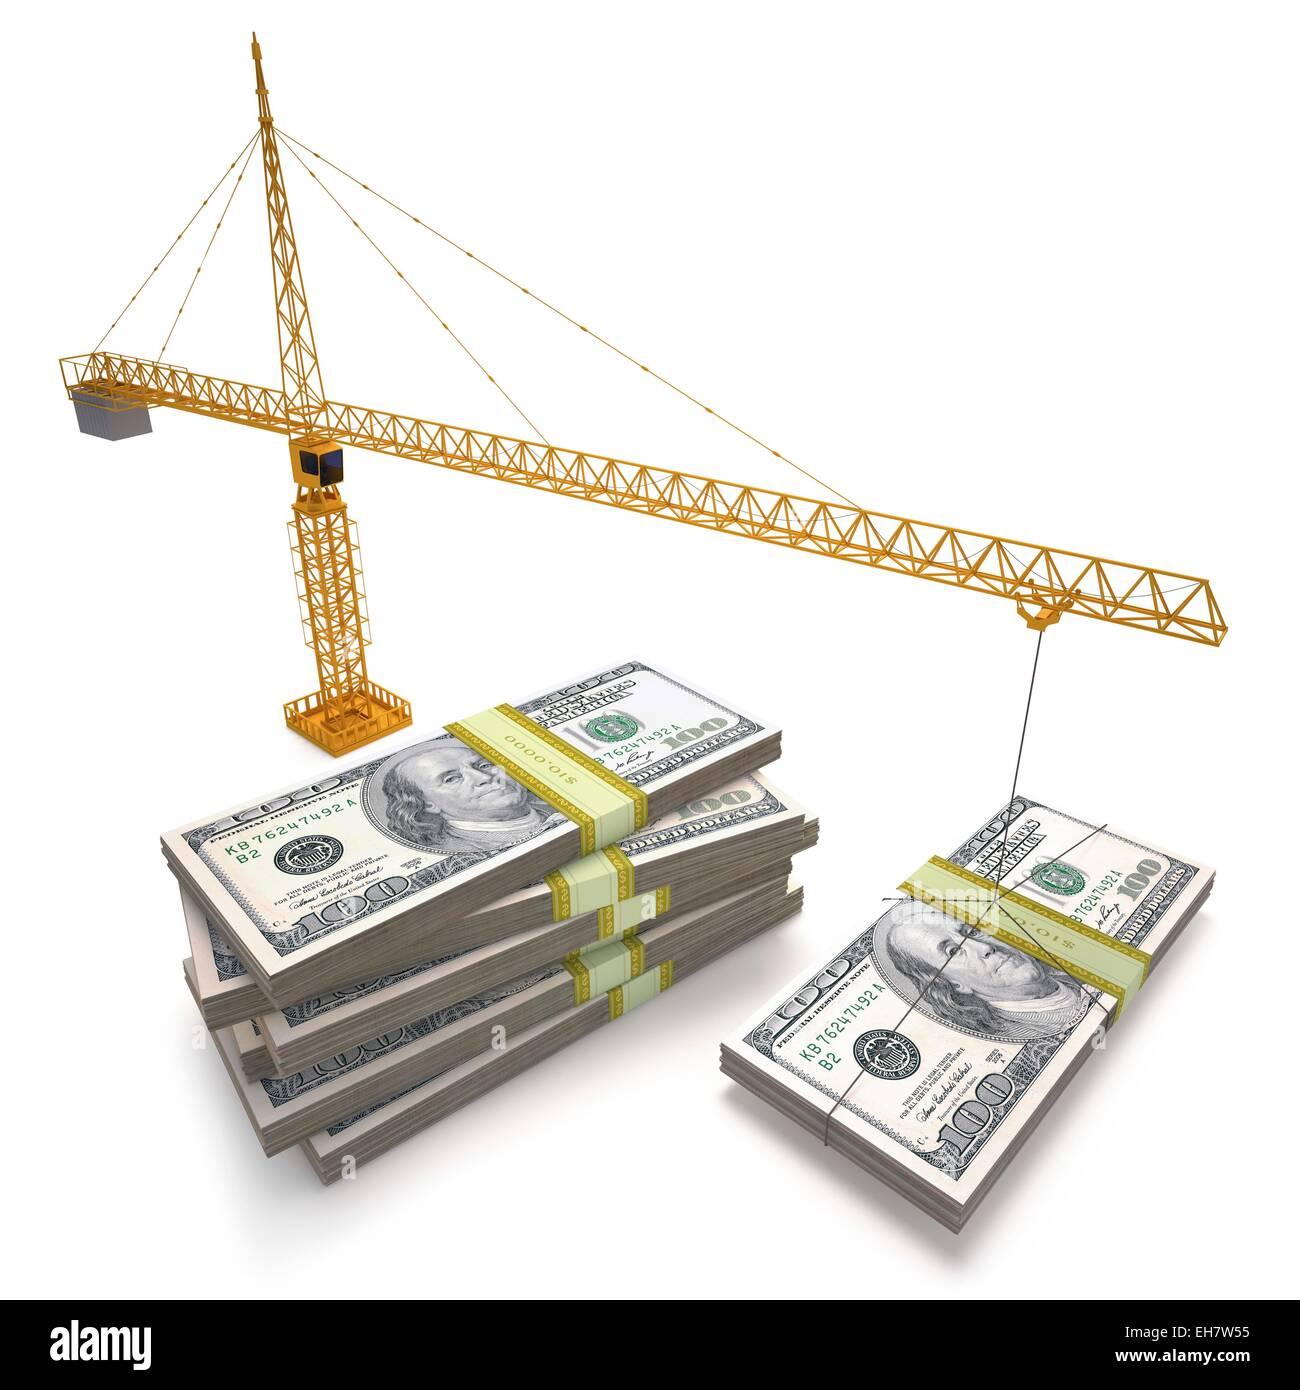 Finanzielles Wachstum, Abbildung Stockbild